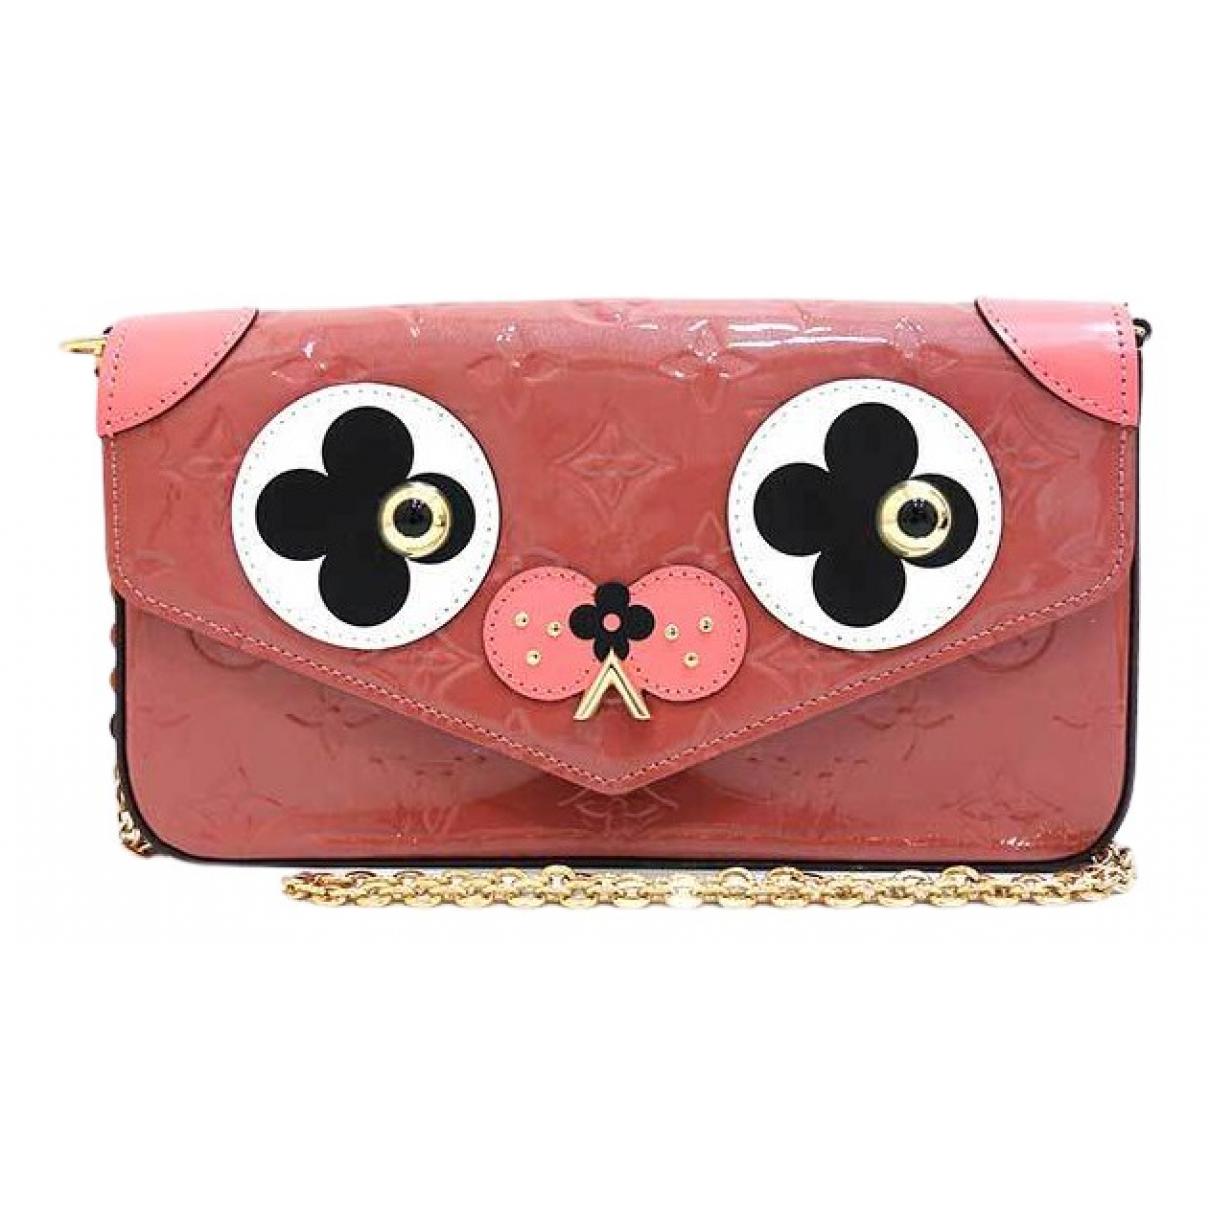 Louis Vuitton - Pochette   pour femme en cuir verni - rose